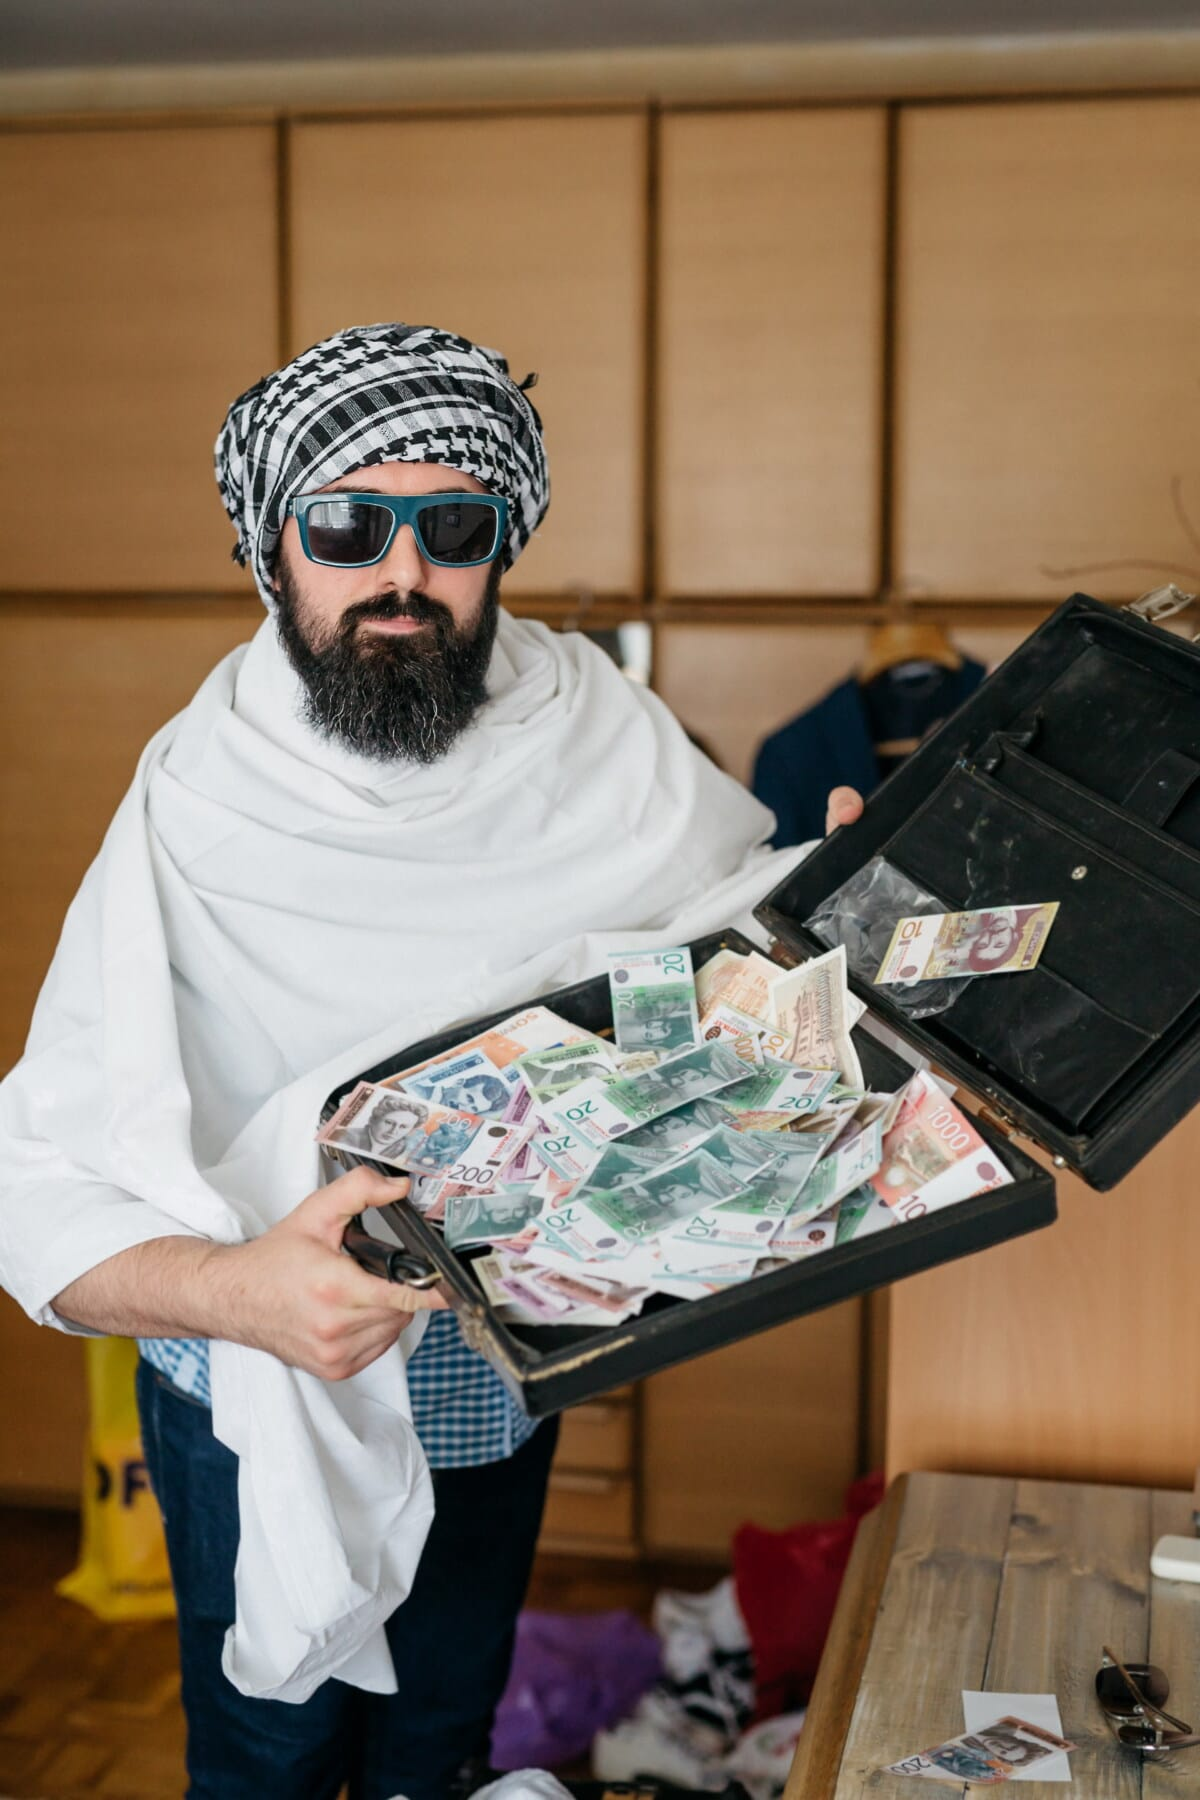 головной платок, бизнесмен, деньги, человек, люкс, люди, портрет, помещении, бизнес, номер